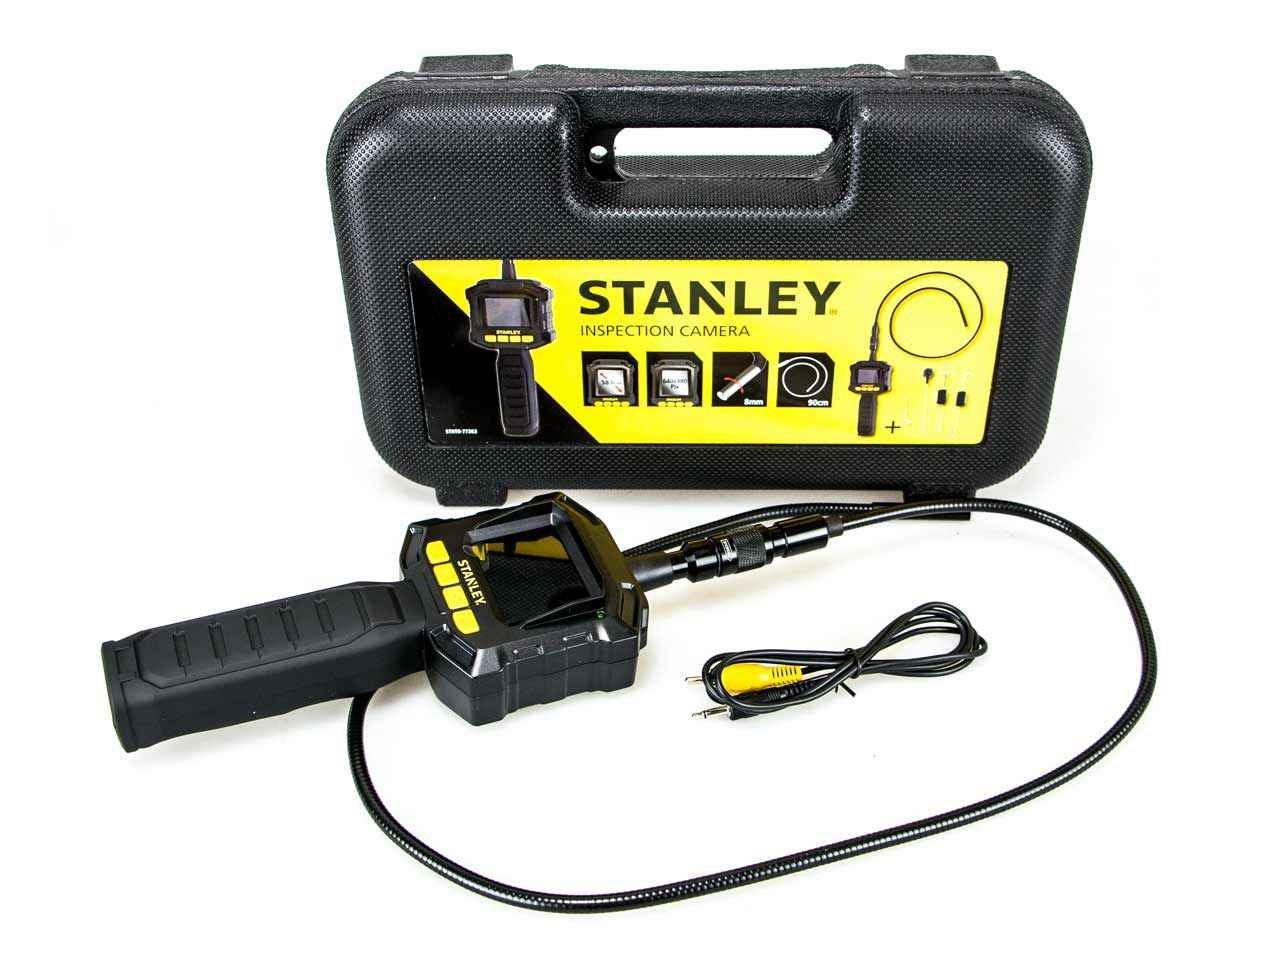 stanley int077363 inspection camera. Black Bedroom Furniture Sets. Home Design Ideas